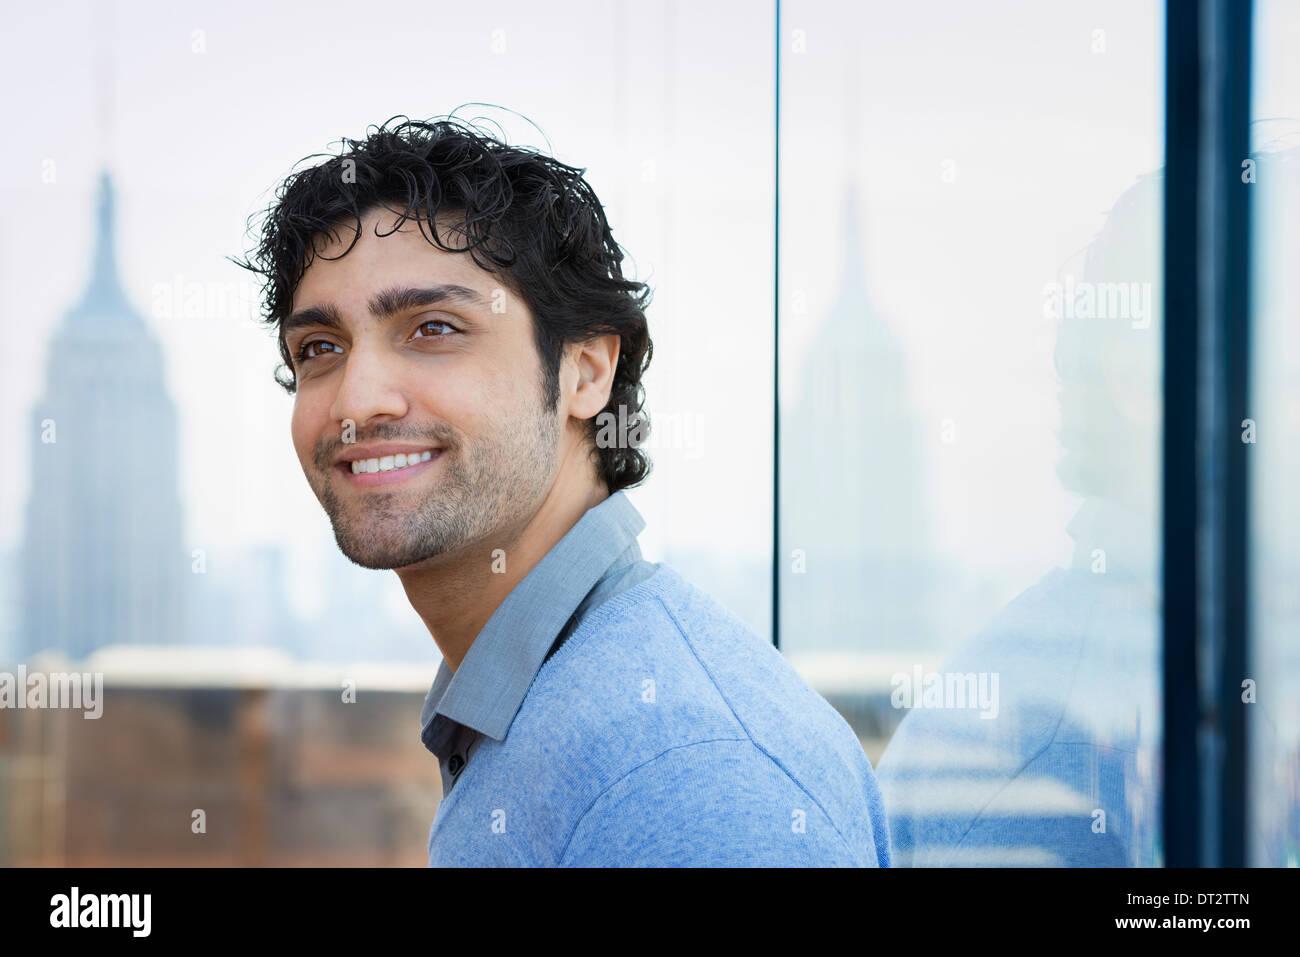 El estilo de vida urbano un joven con cabello rizado negro, llevaba una camisa azul en el vestíbulo de un edificio Imagen De Stock